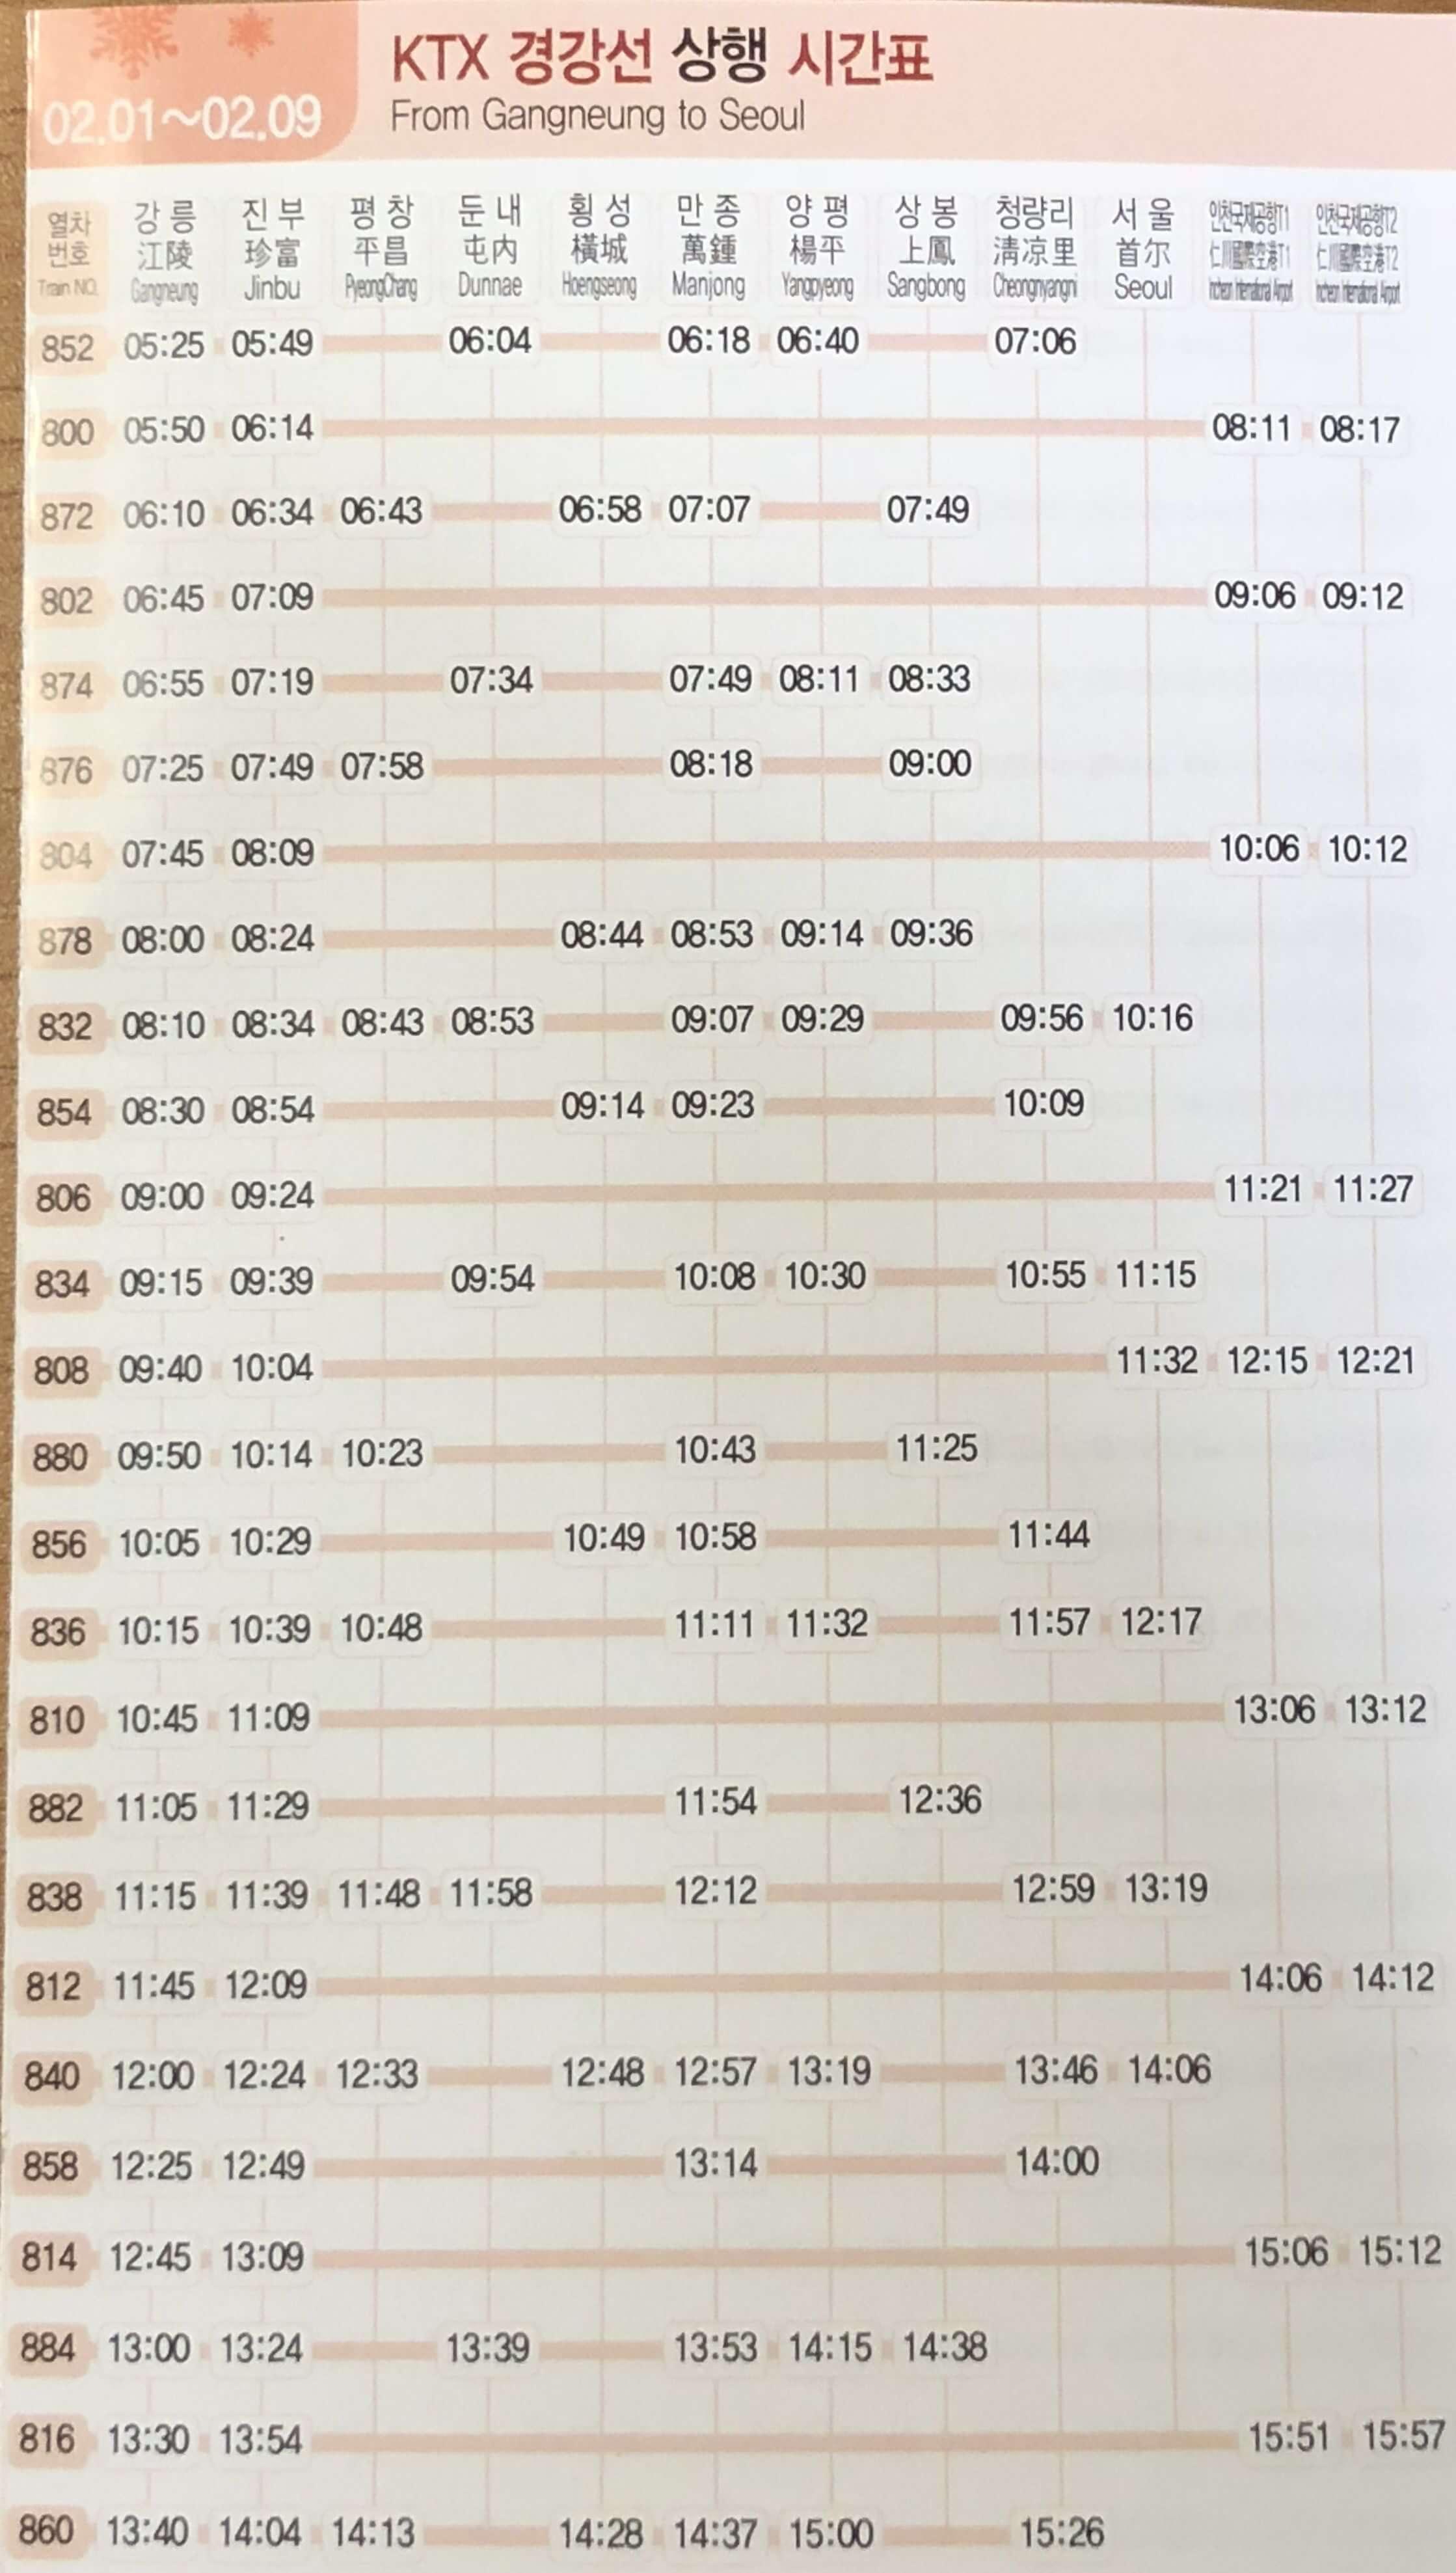 江陵(カンヌン)からソウルのKTXの時刻表(2月1日~2月9日)1